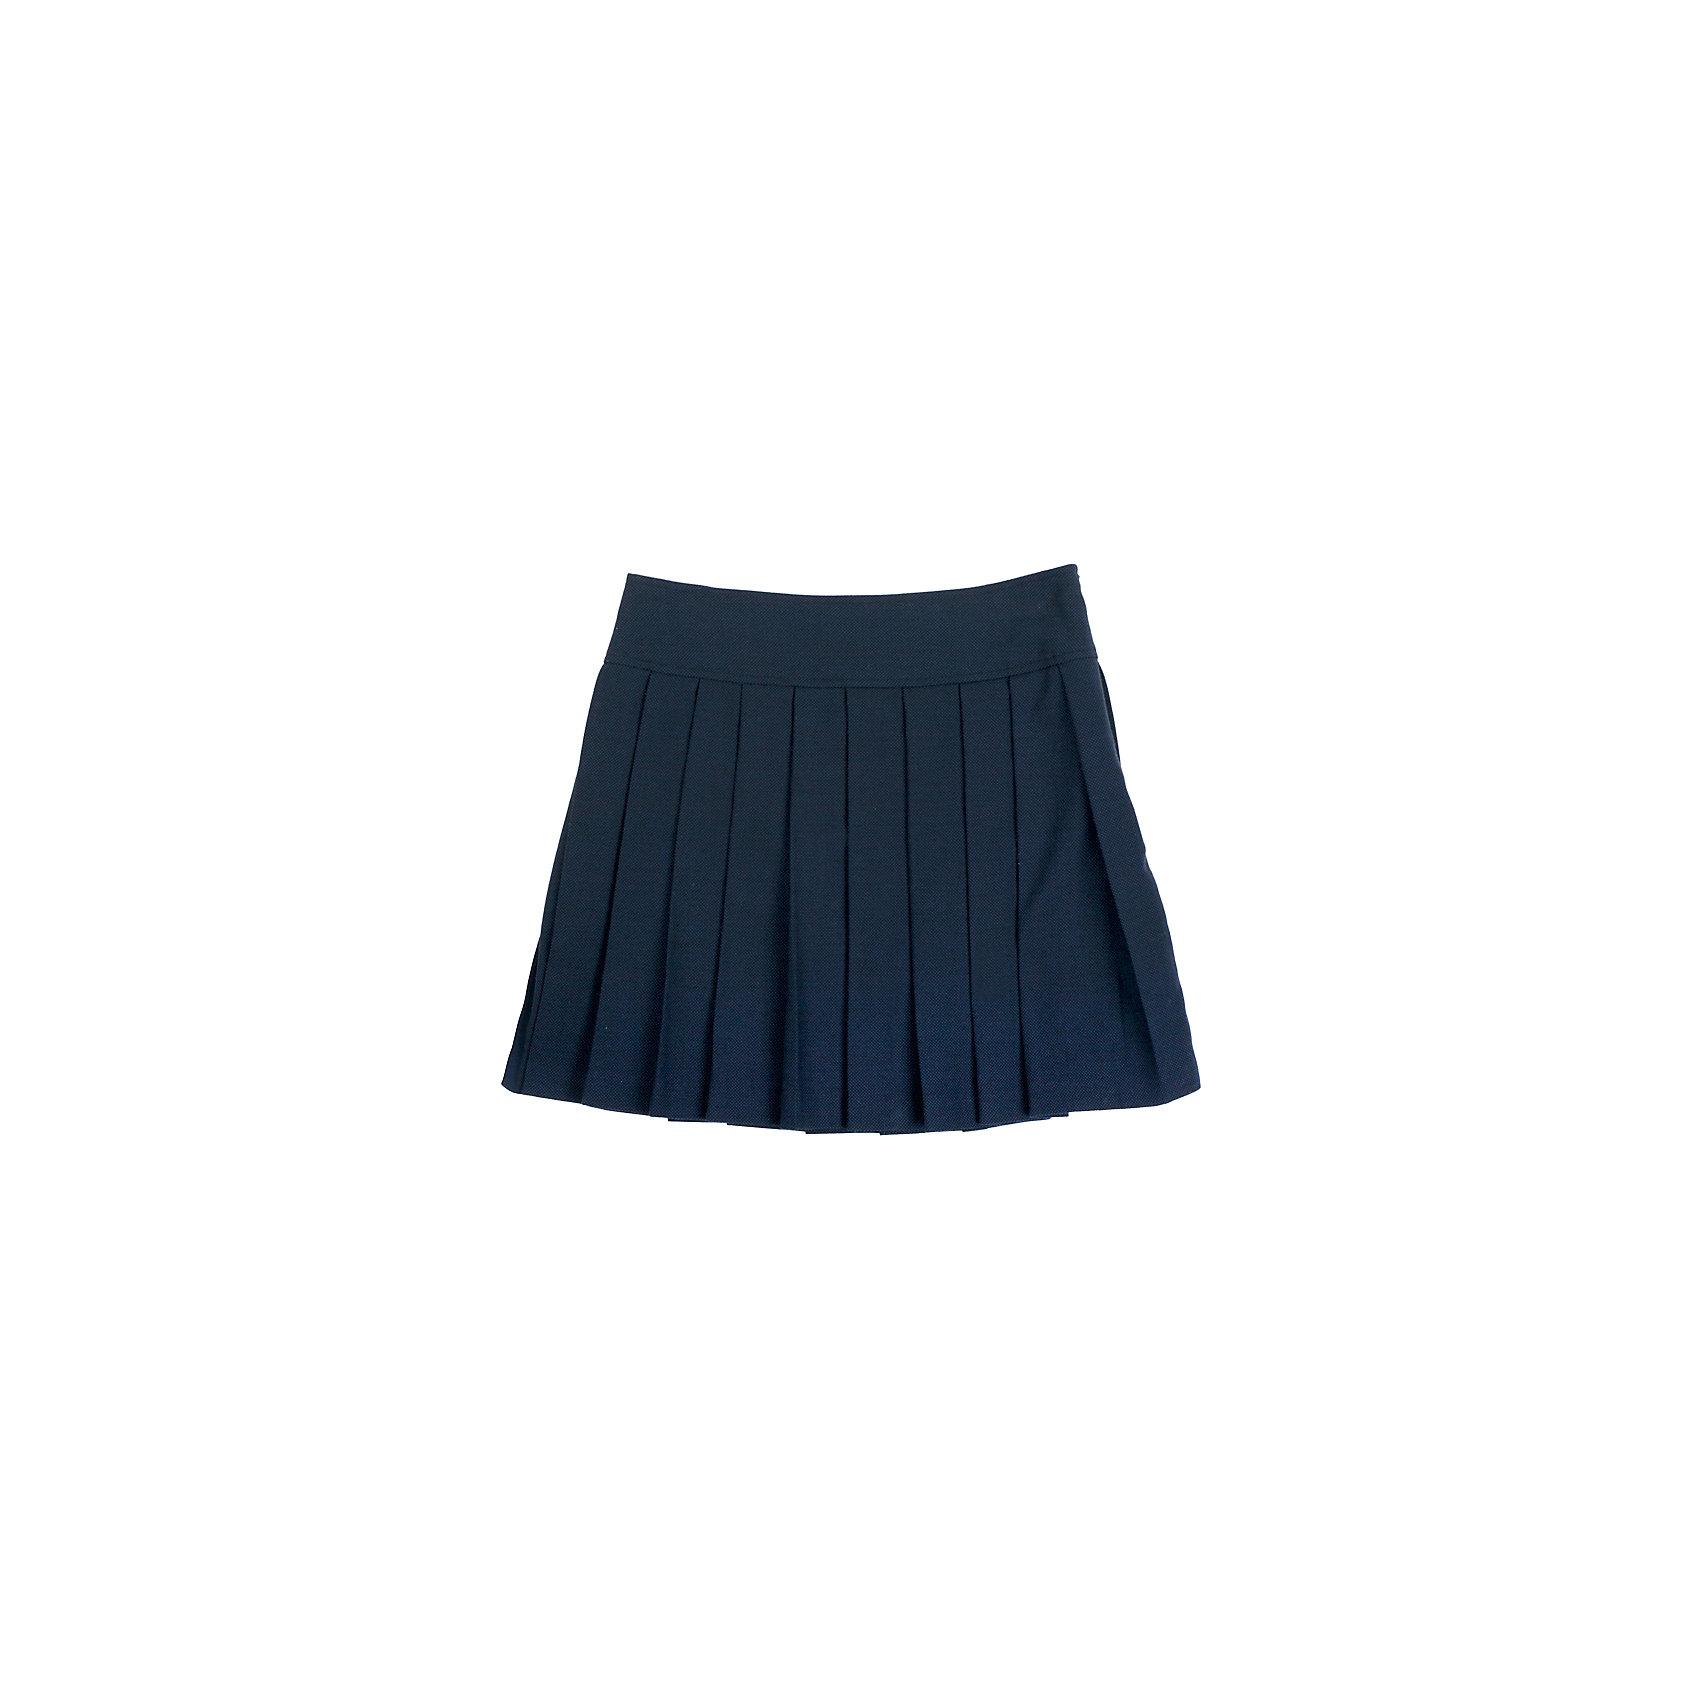 Юбка для девочки GulliverЮбки<br>Юбка для девочки от известного бренда Gulliver<br>Школьная юбка в складку - классика жанра! Она всегда смотрится очень красиво и достойно. В сочетании с любым верхом школьная юбка в складку составит интересный элегантный комплект. Отличный состав и качество ткани гарантирует высокую износостойкость изделия.<br>Состав:<br>верх:                             10% шерсть           23% вискоза            65% полиэстер 2% эластан;                                  подкл.:                   50% вискоза    50% полиэстер<br><br>Ширина мм: 207<br>Глубина мм: 10<br>Высота мм: 189<br>Вес г: 183<br>Цвет: синий<br>Возраст от месяцев: 120<br>Возраст до месяцев: 132<br>Пол: Женский<br>Возраст: Детский<br>Размер: 146,158,122,152,134,128,140<br>SKU: 4767828